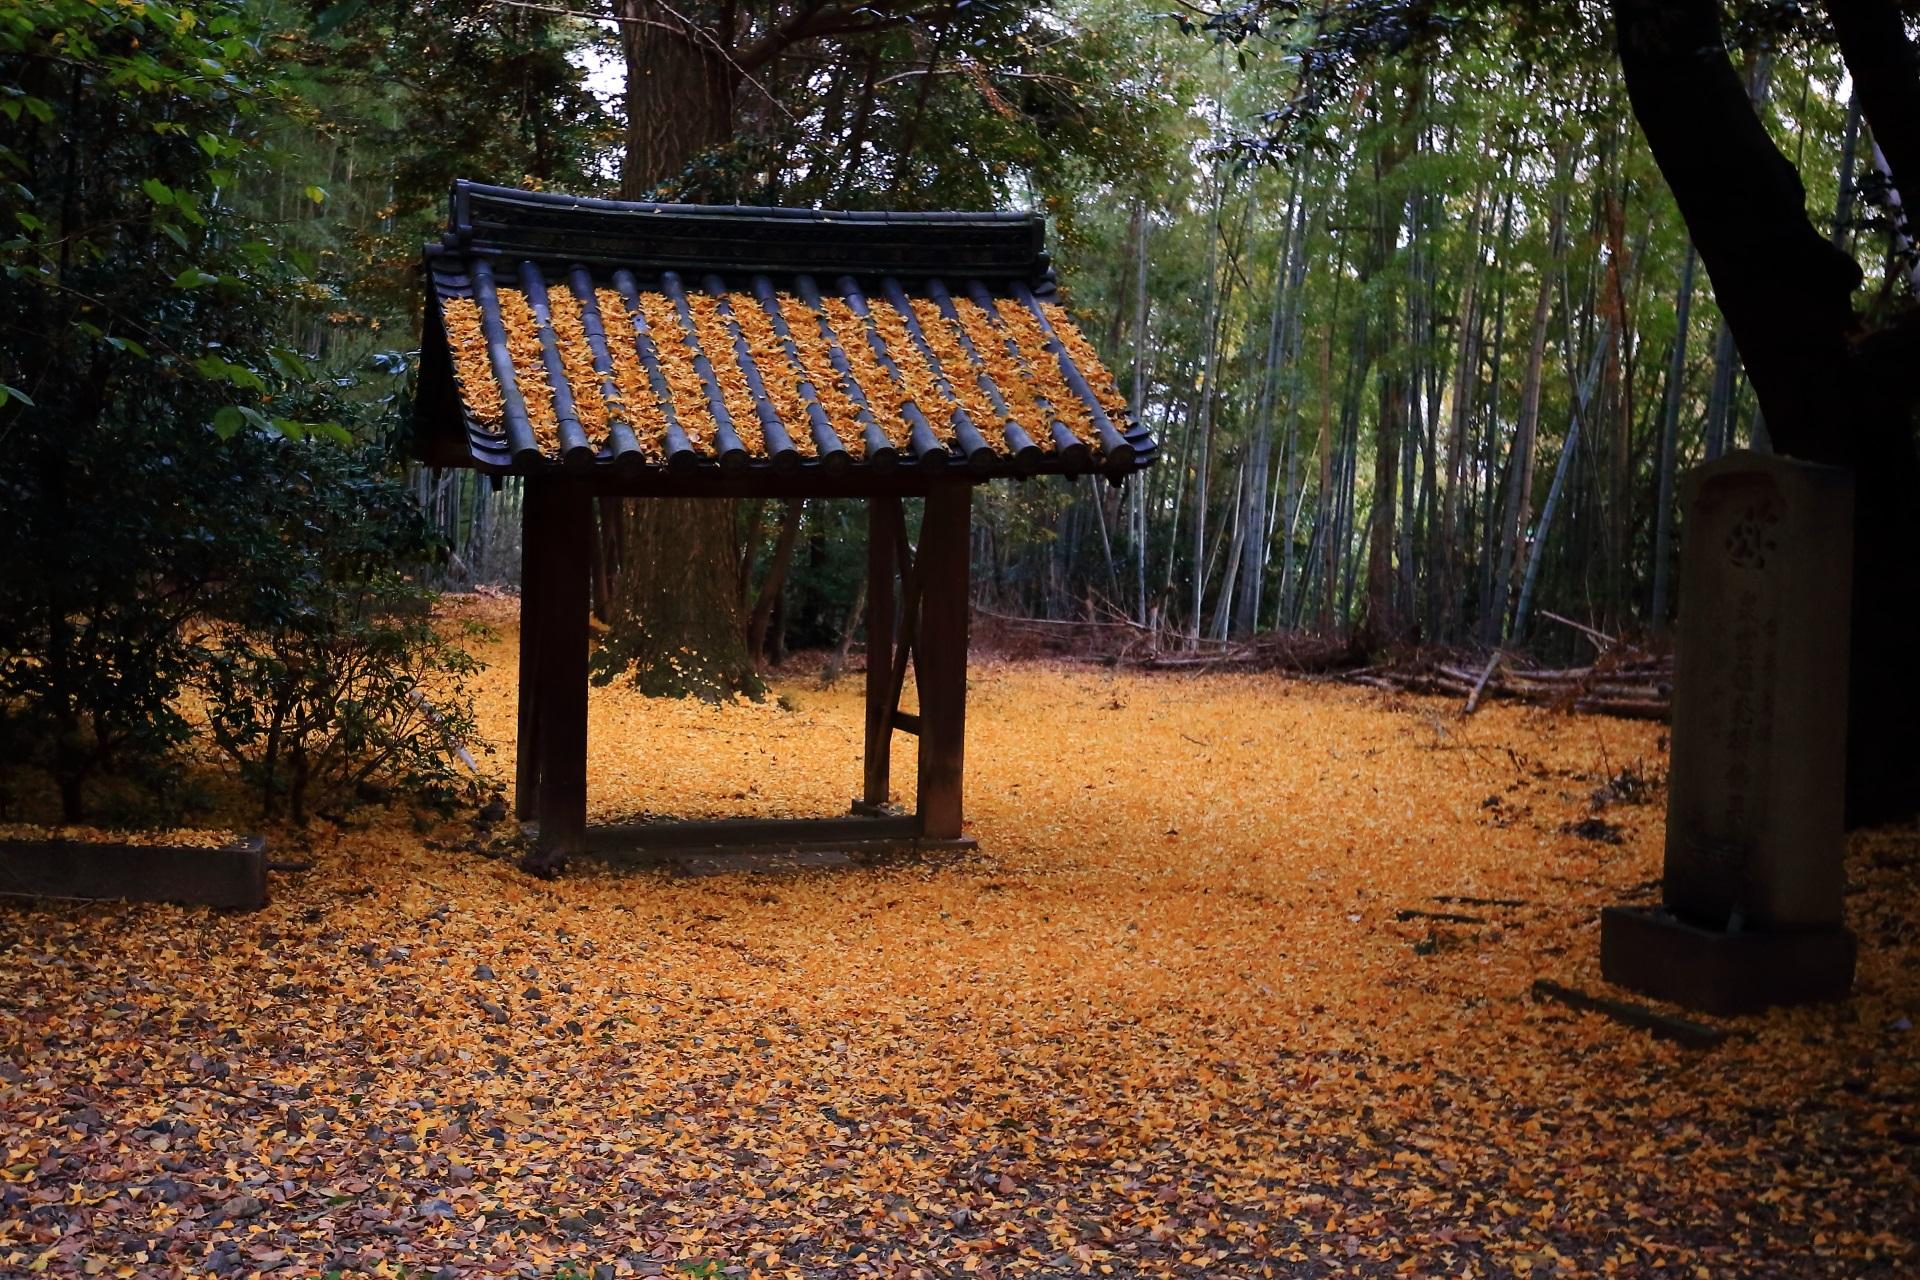 山崎聖天の散り銀杏と竹林の空間